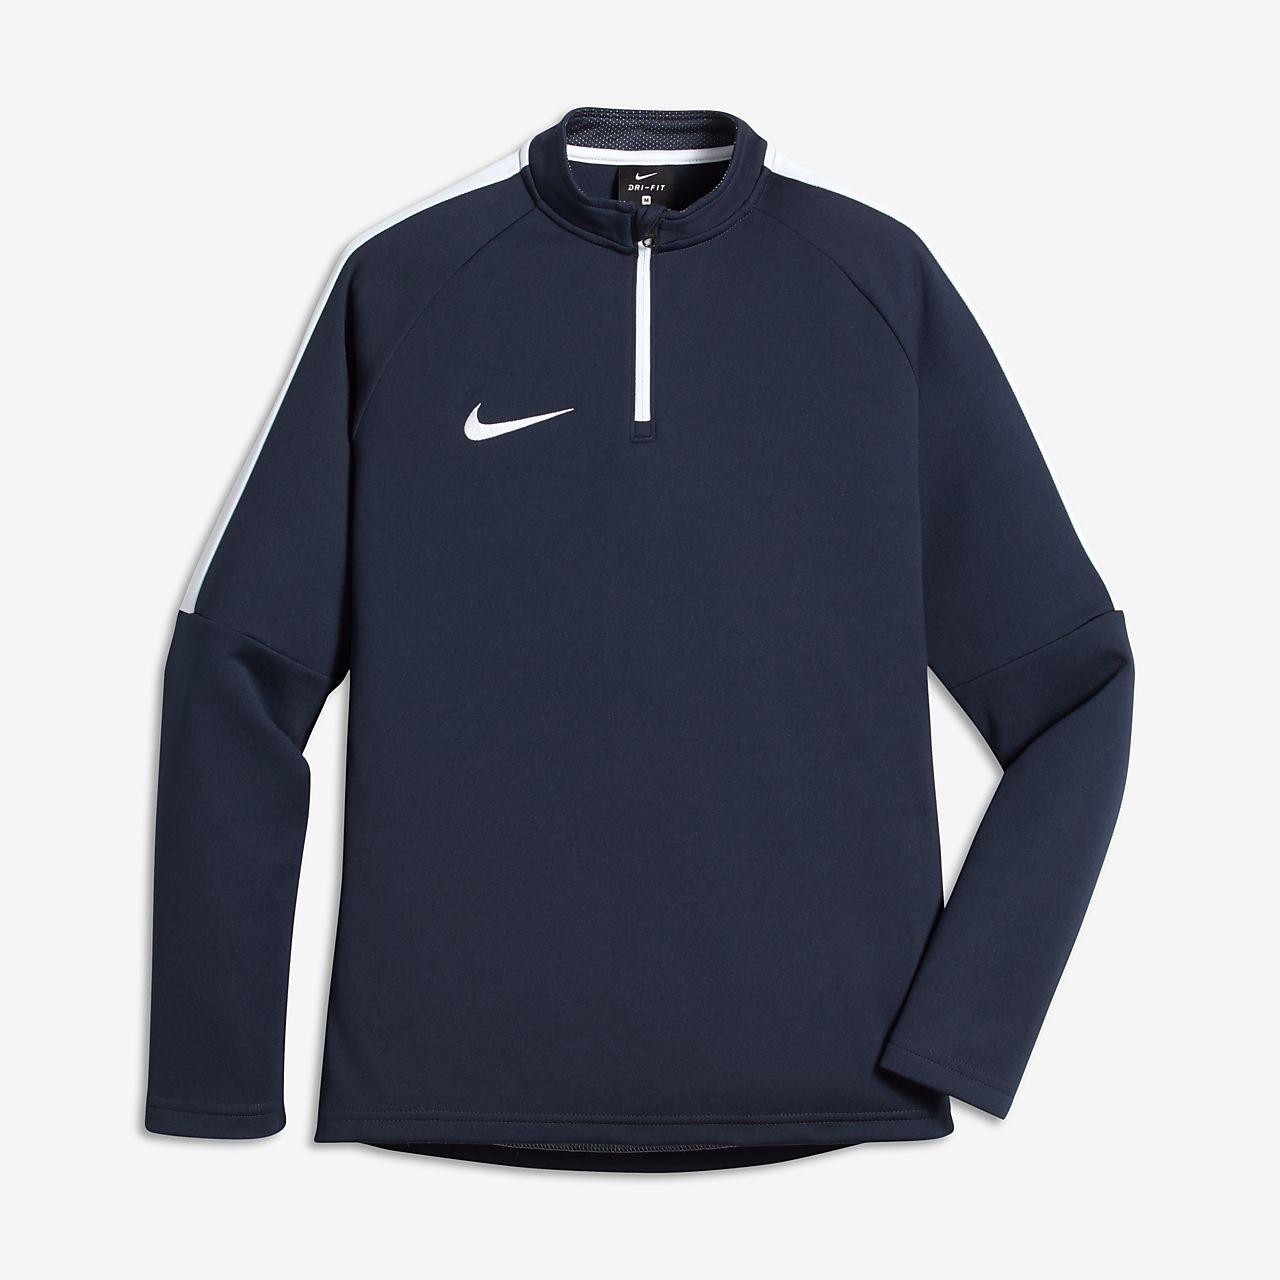 Nike Dri-FIT fotballtreningsoverdel for store barn